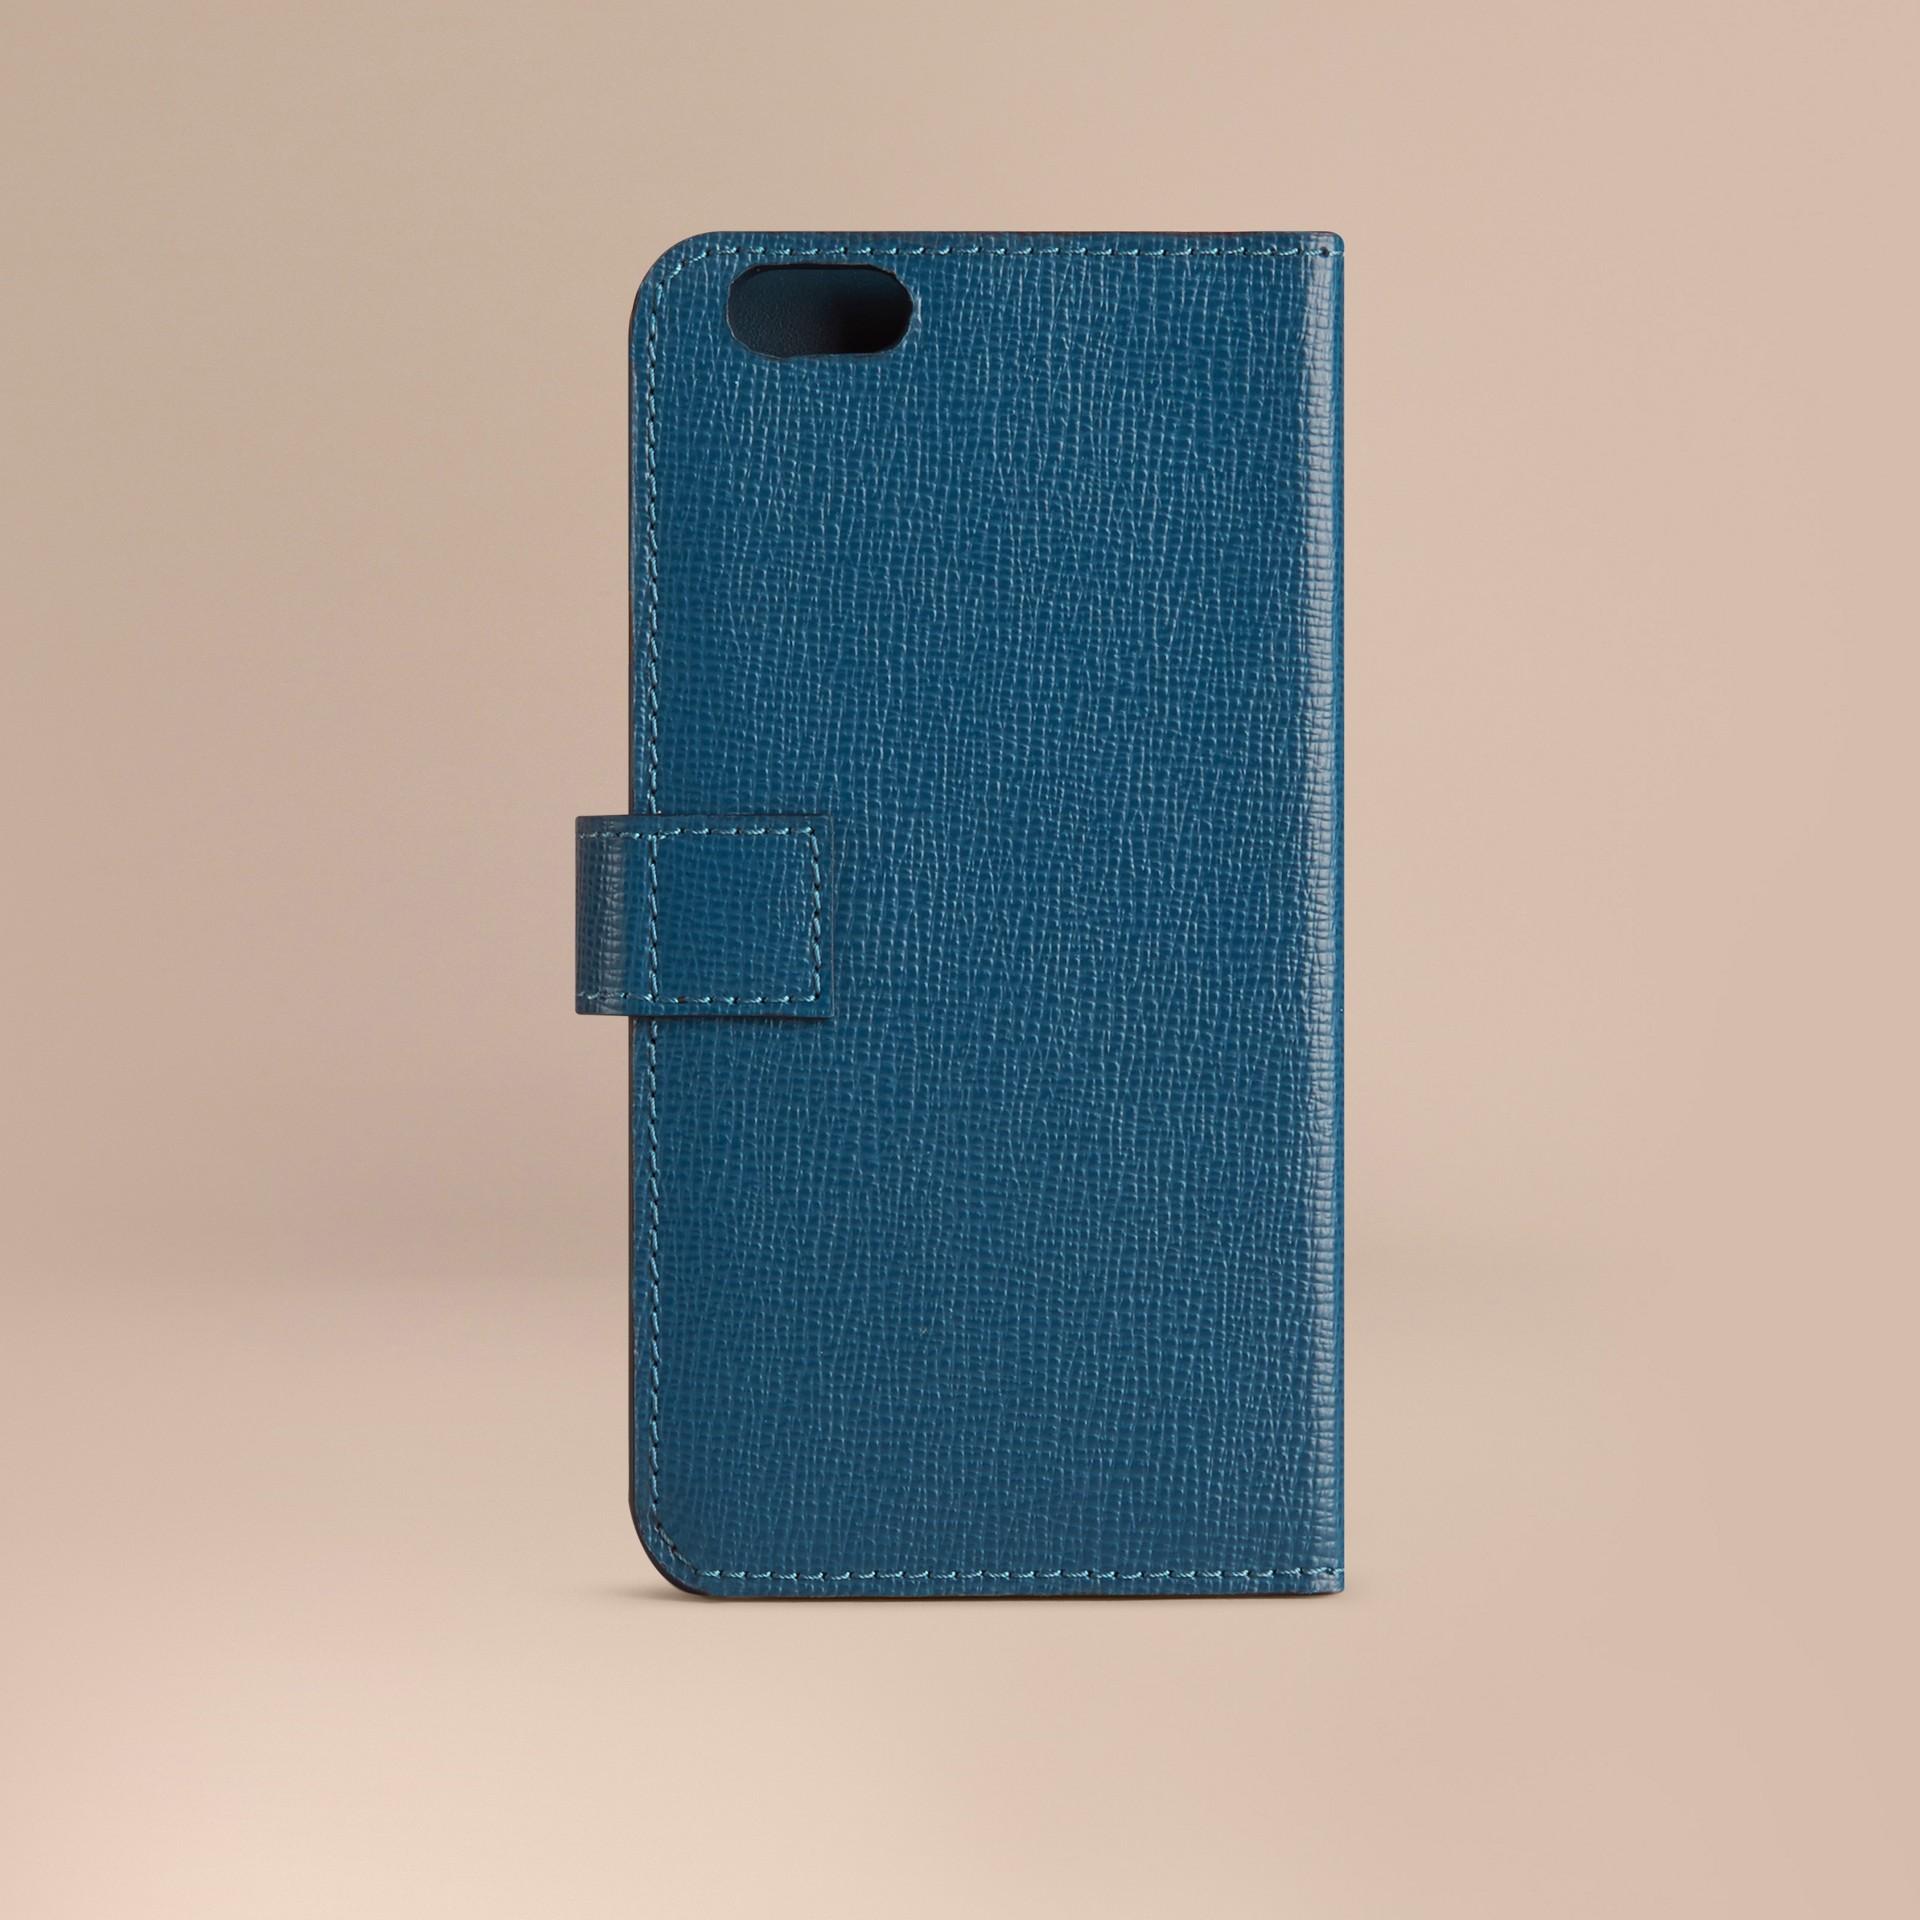 Blu minerale Custodia a libro in pelle London per iPhone 6 Blu Minerale - immagine della galleria 3